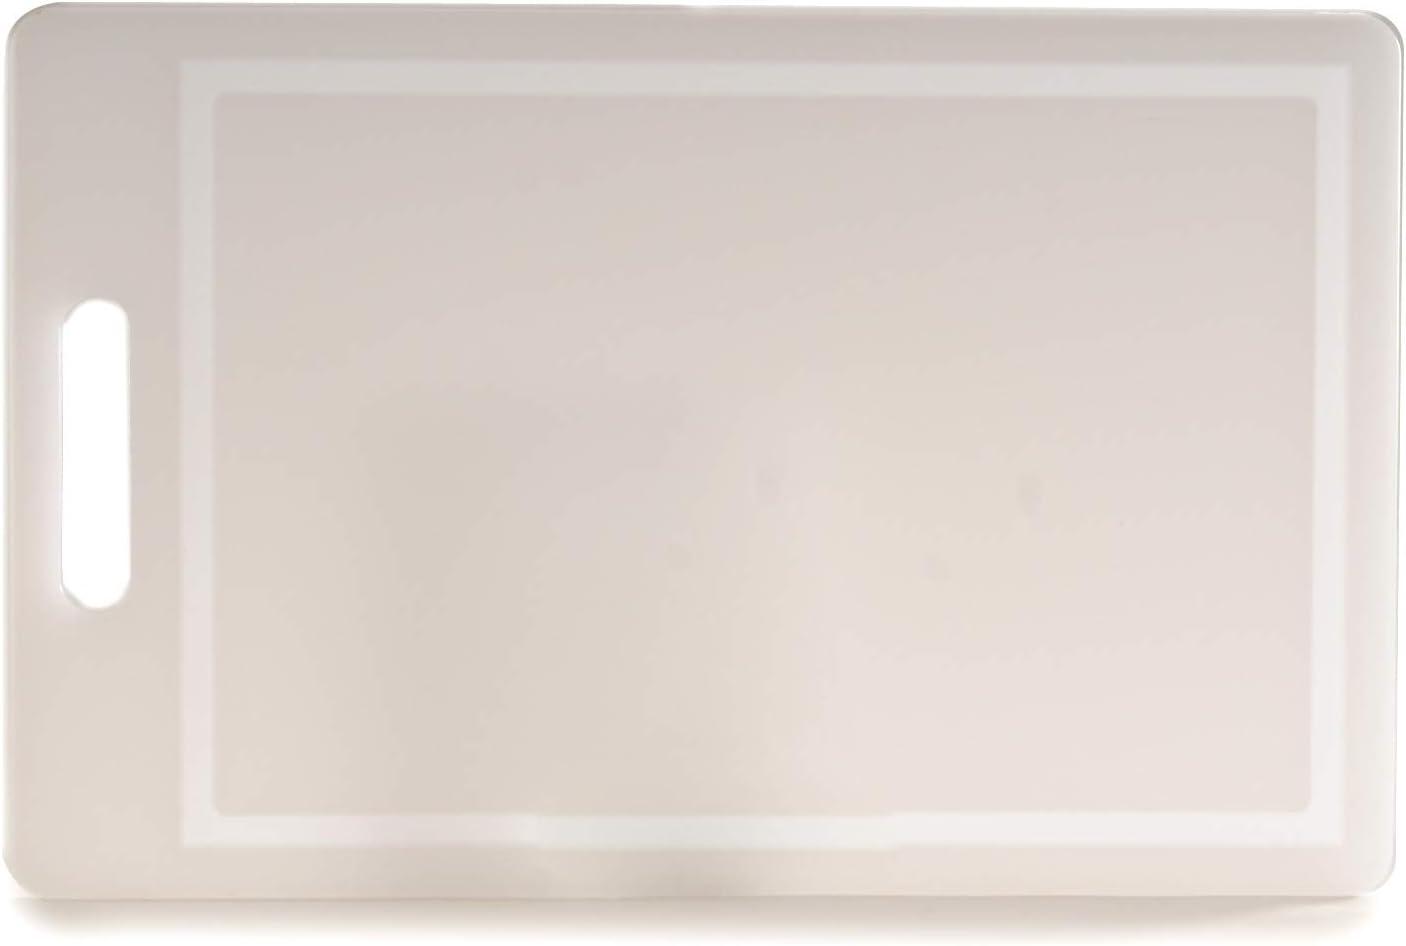 14.5 in x 8.5 in Norpro 30 Professional Cutting Board